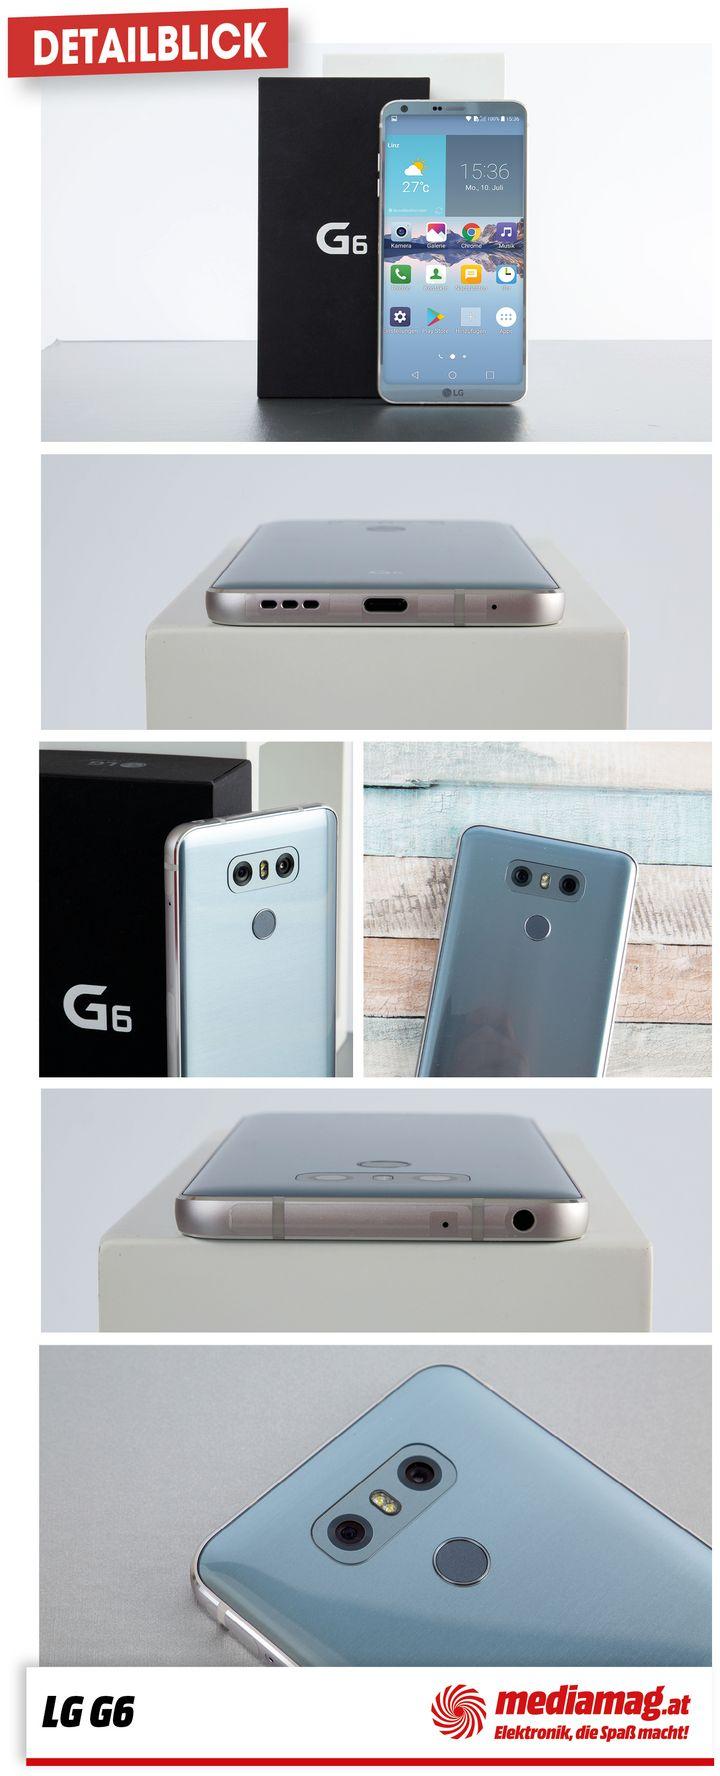 Die besten Features des neuen Smartphone-Flaggschiffs von LG, dem G6.